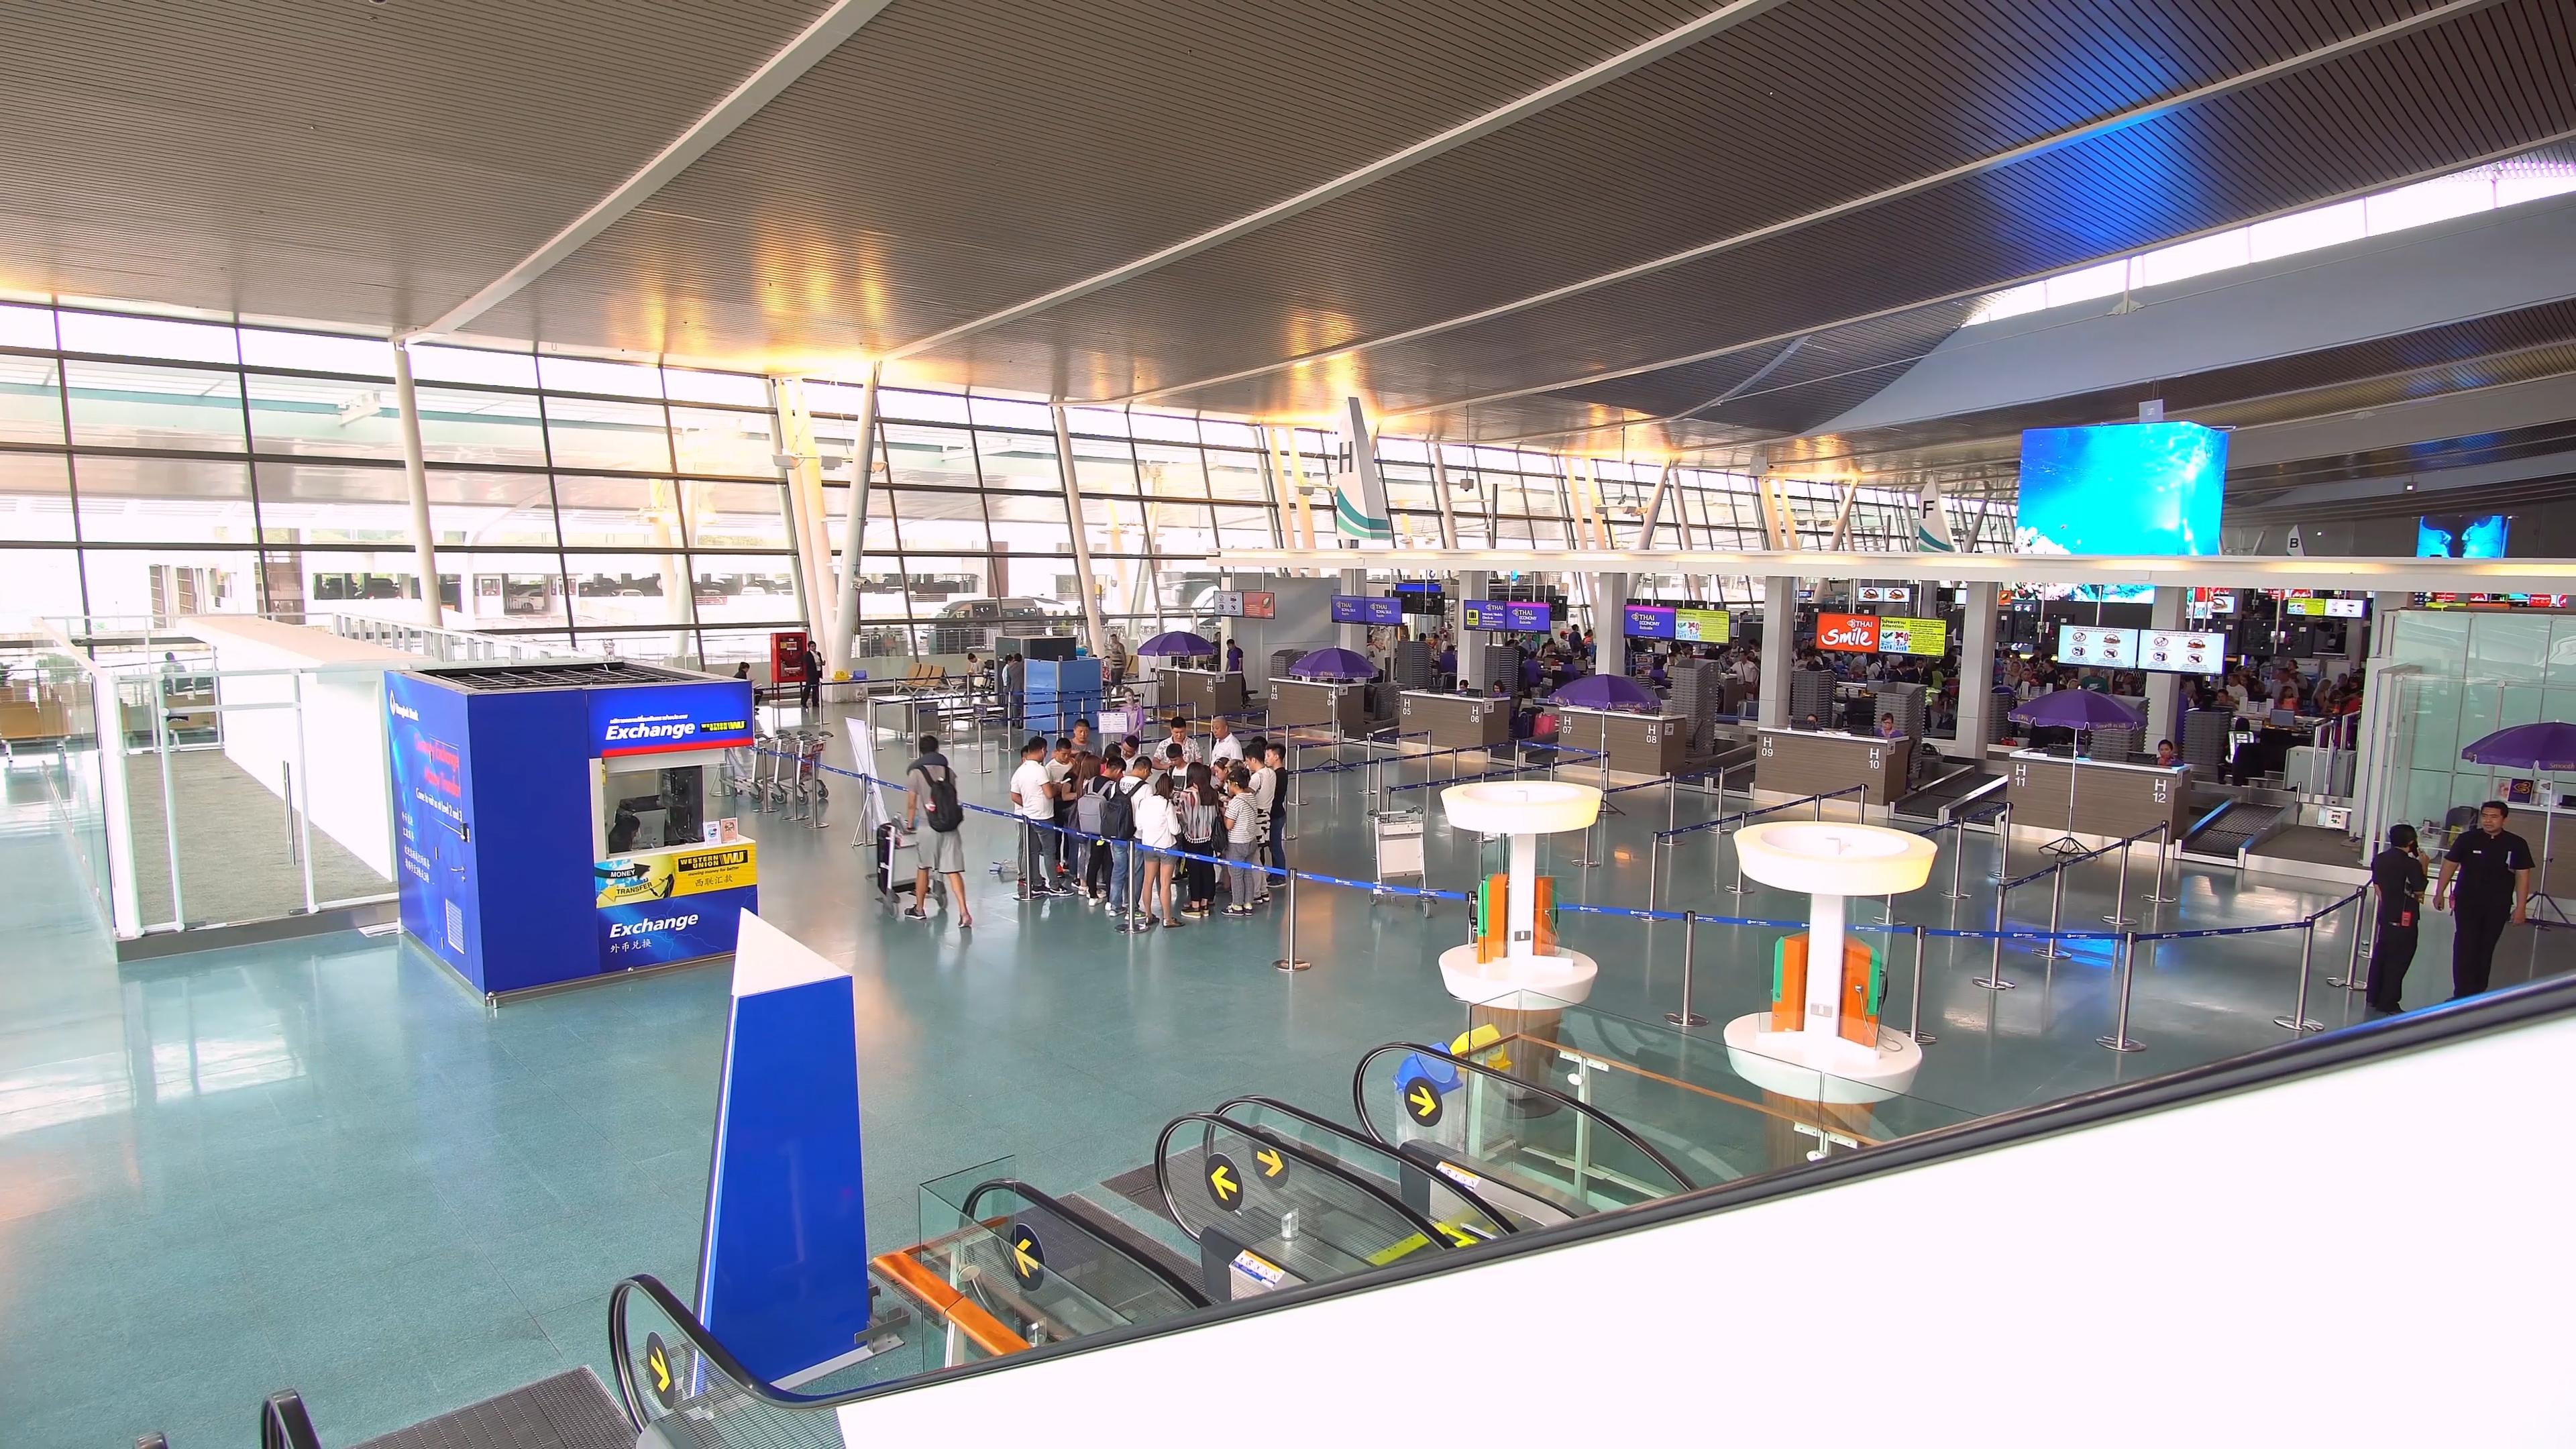 В аэропорту Пхукета проверяют всех входящих в терминалы